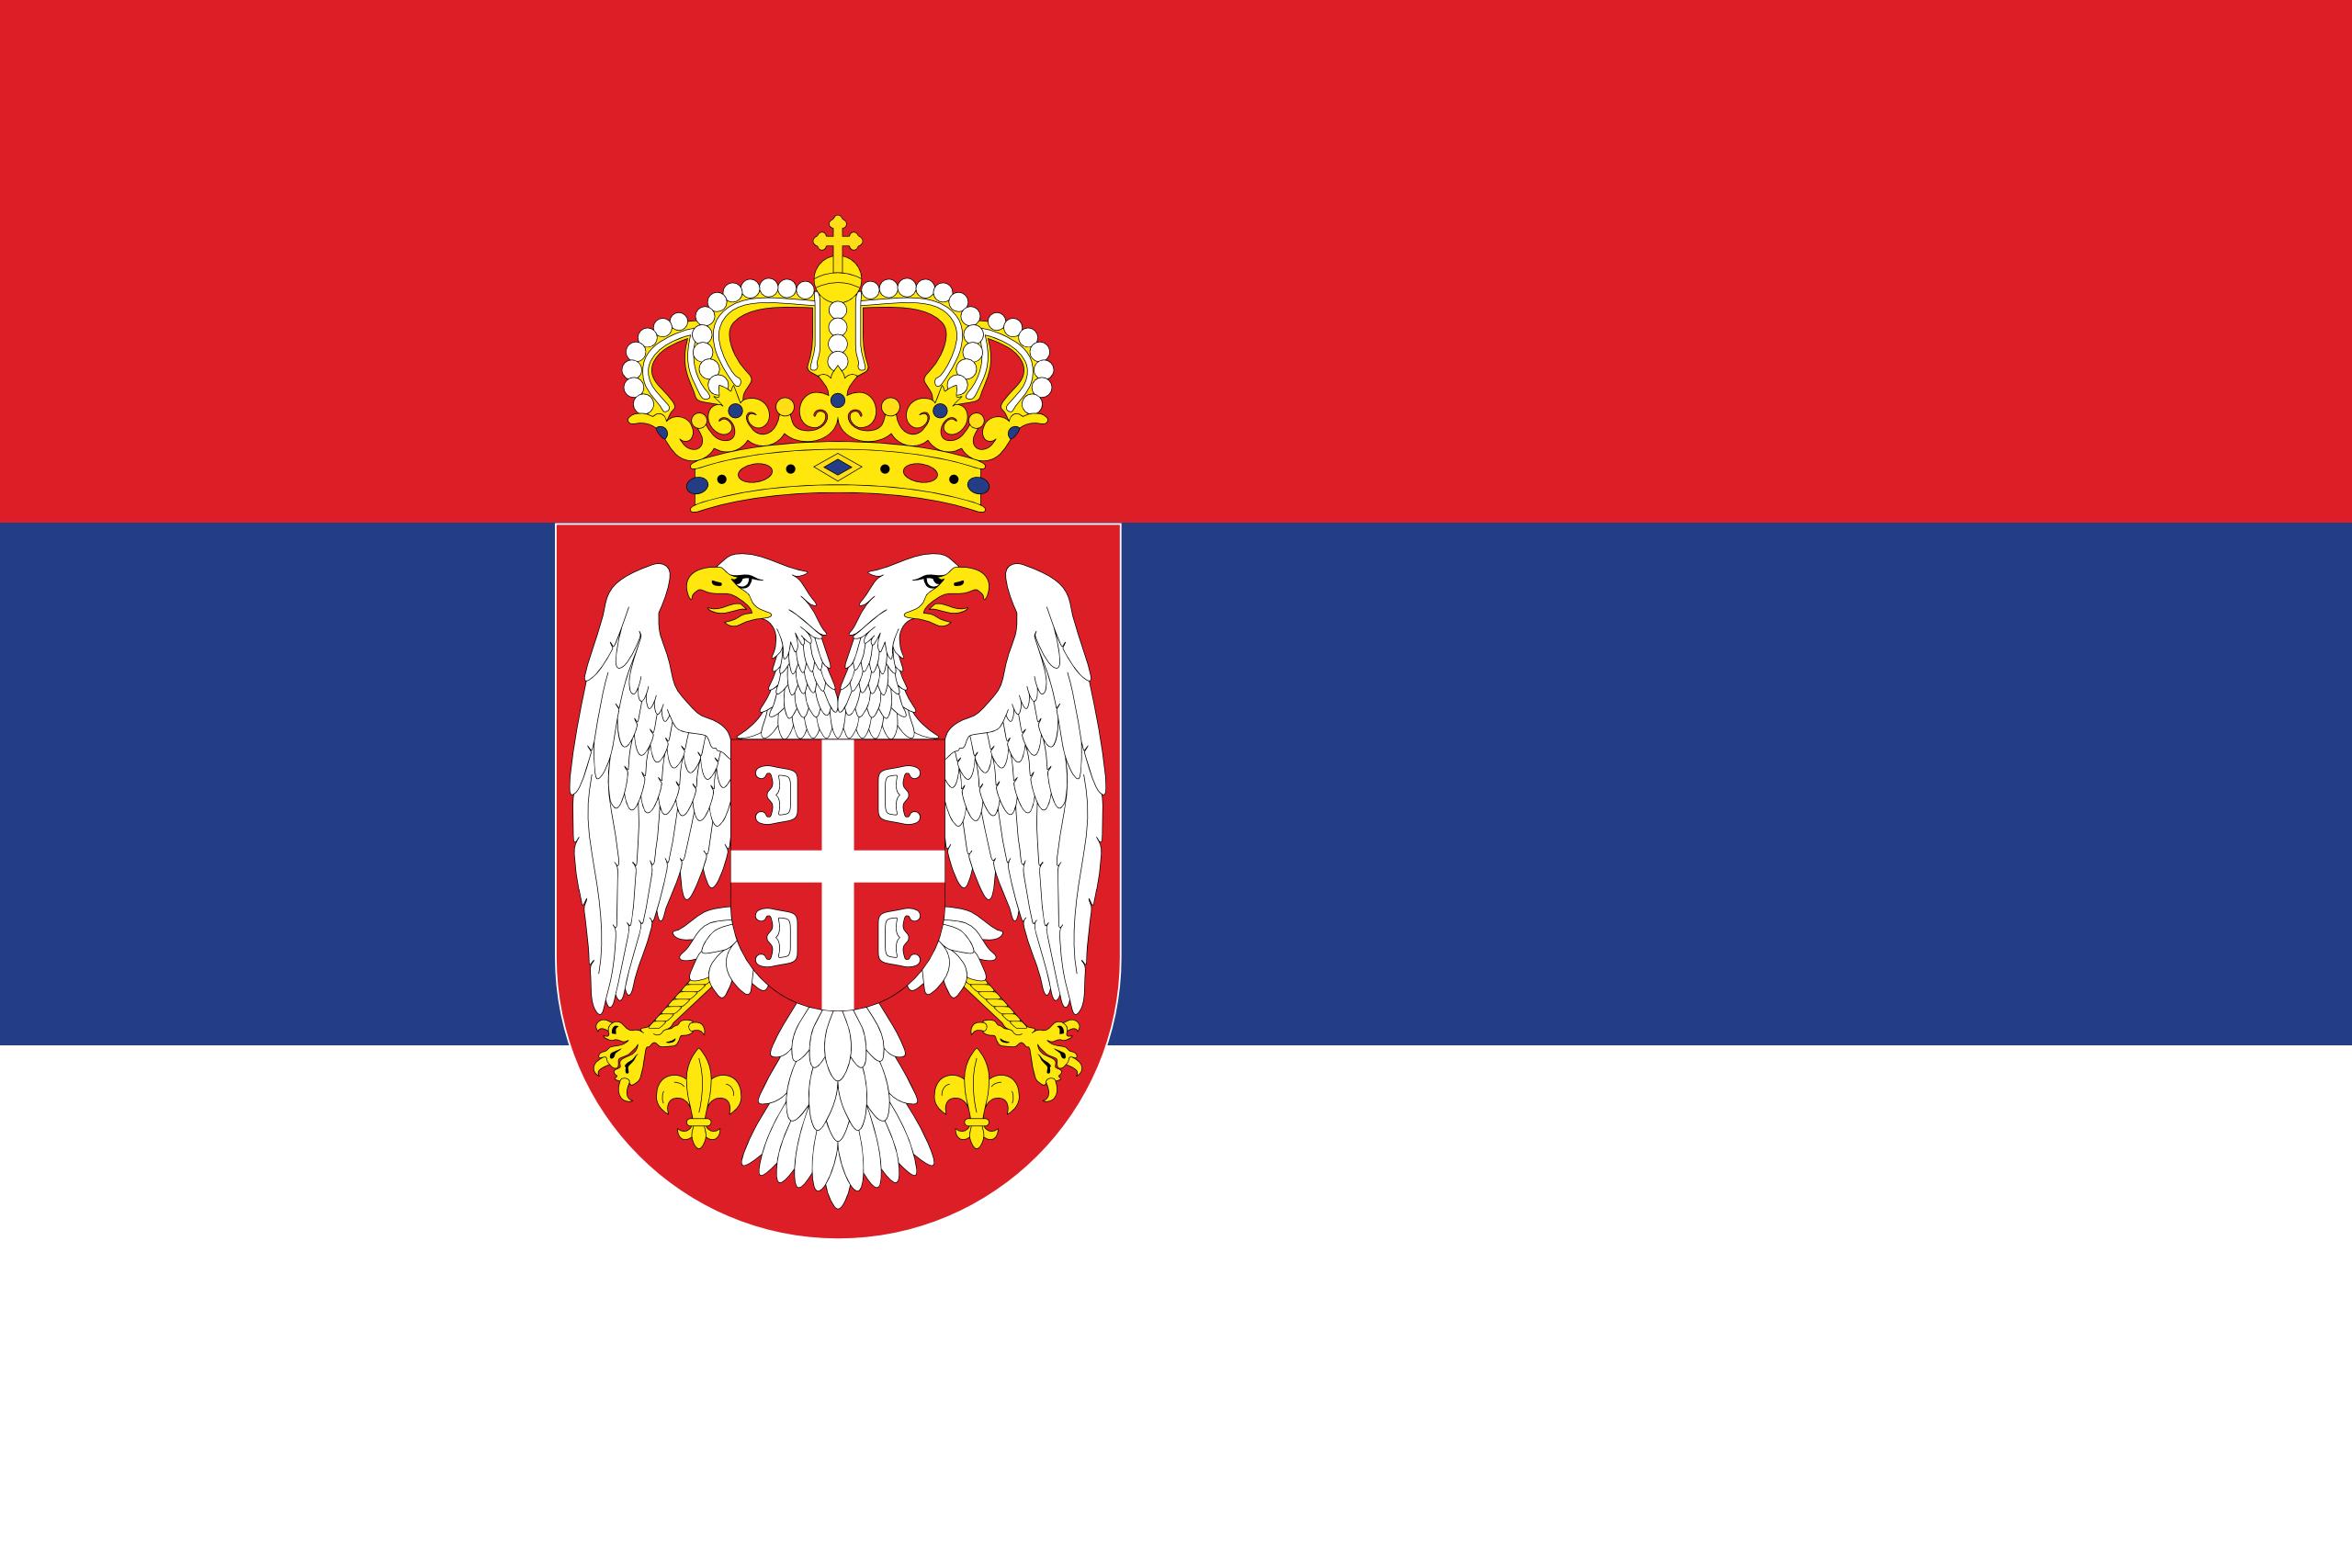 Σερβία, χώρα, έμβλημα, λογότυπο, σύμβολο - Wallpapers HD - Professor-falken.com